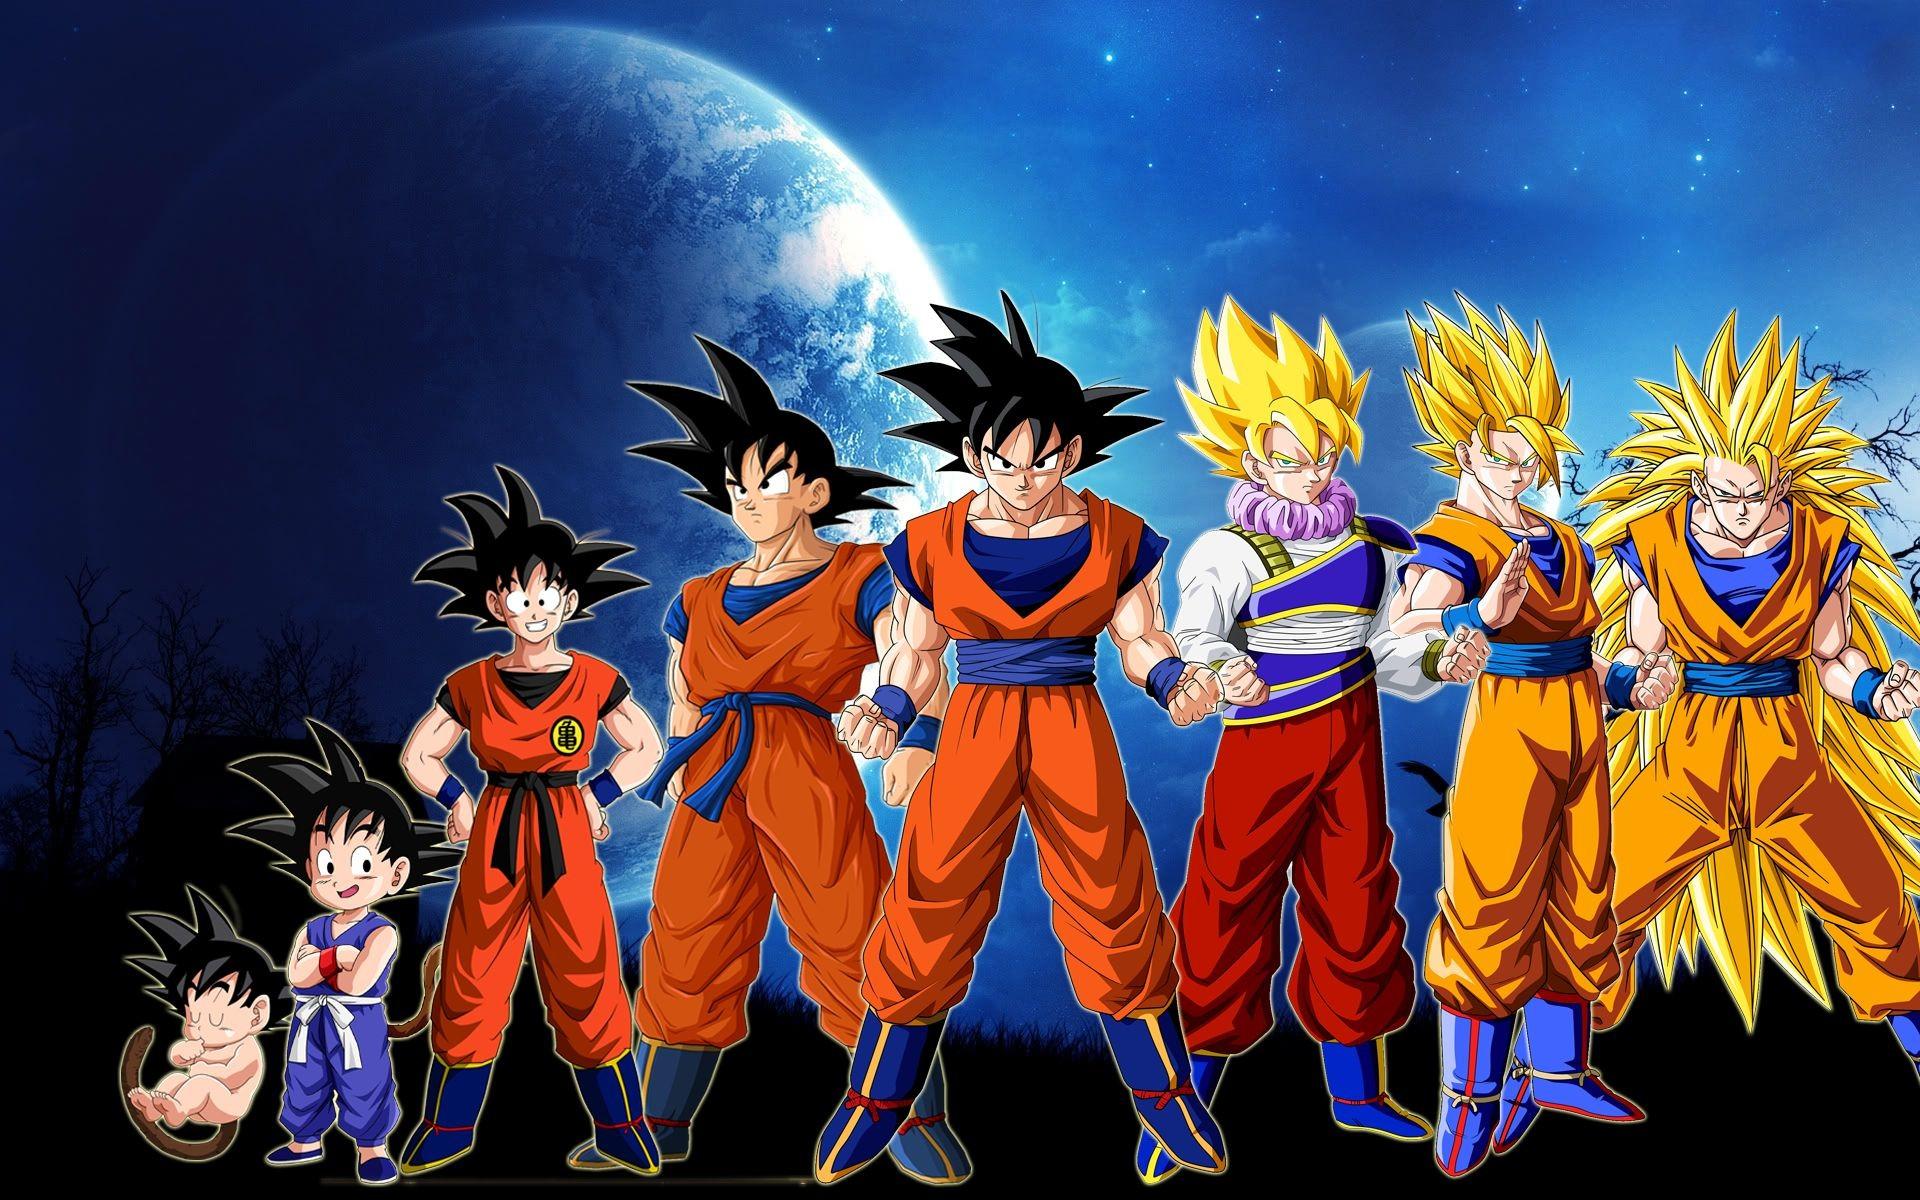 … Dragon Ball Z Goku Wallpaper Free Download